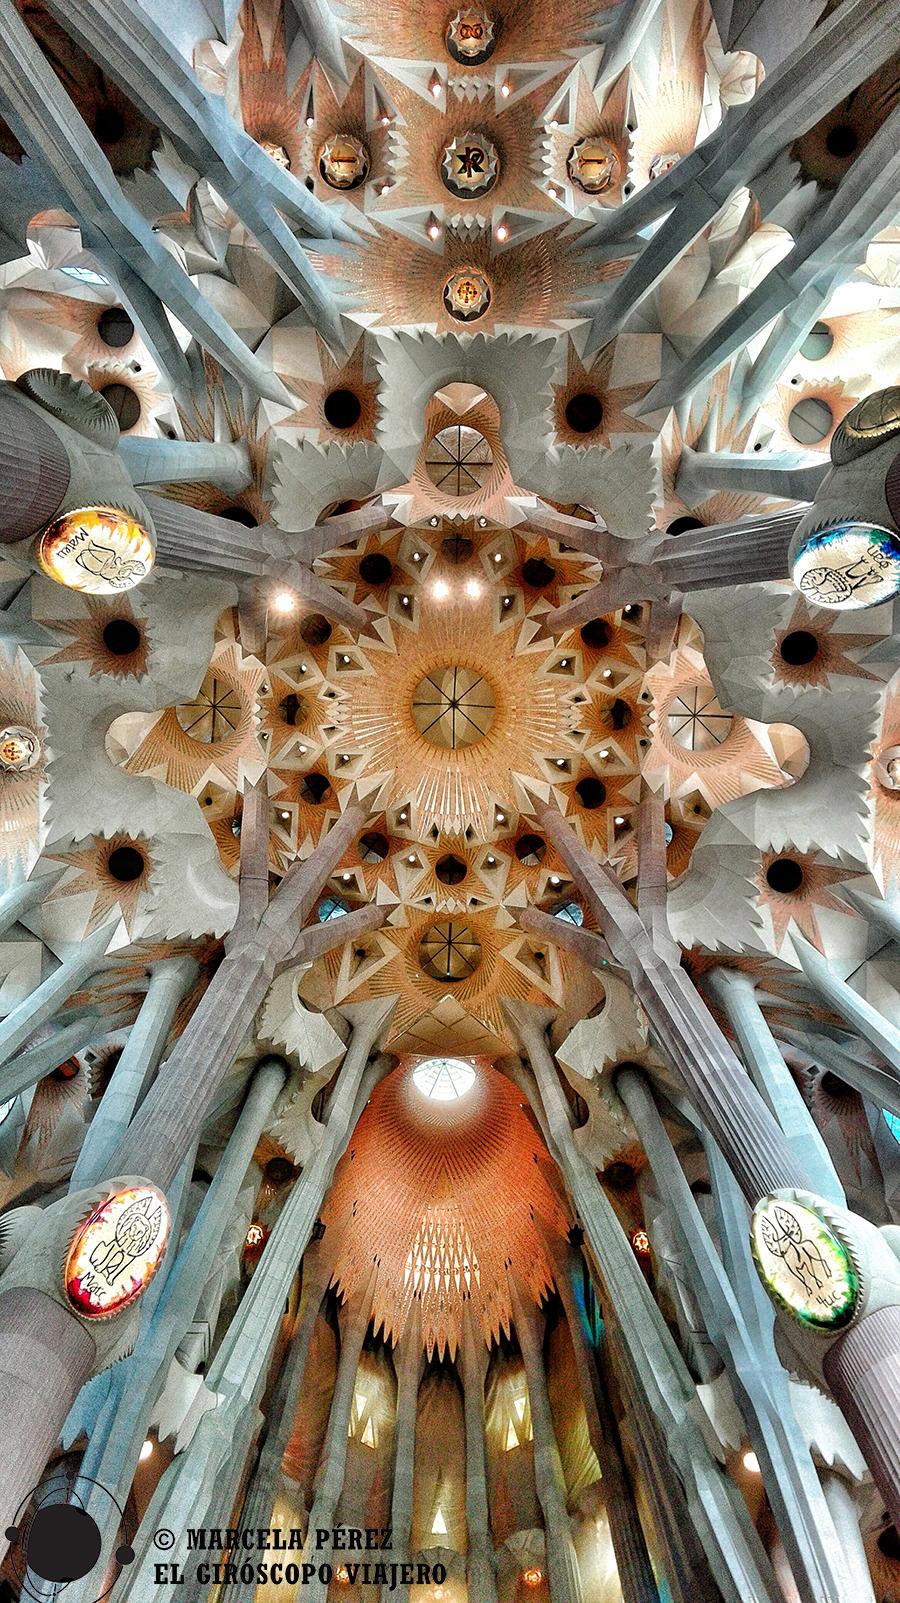 Aquí se aprecian hiperbolides y parabolides, técnicas desarrolladas por Gaudí como gran aporte arquitectónico